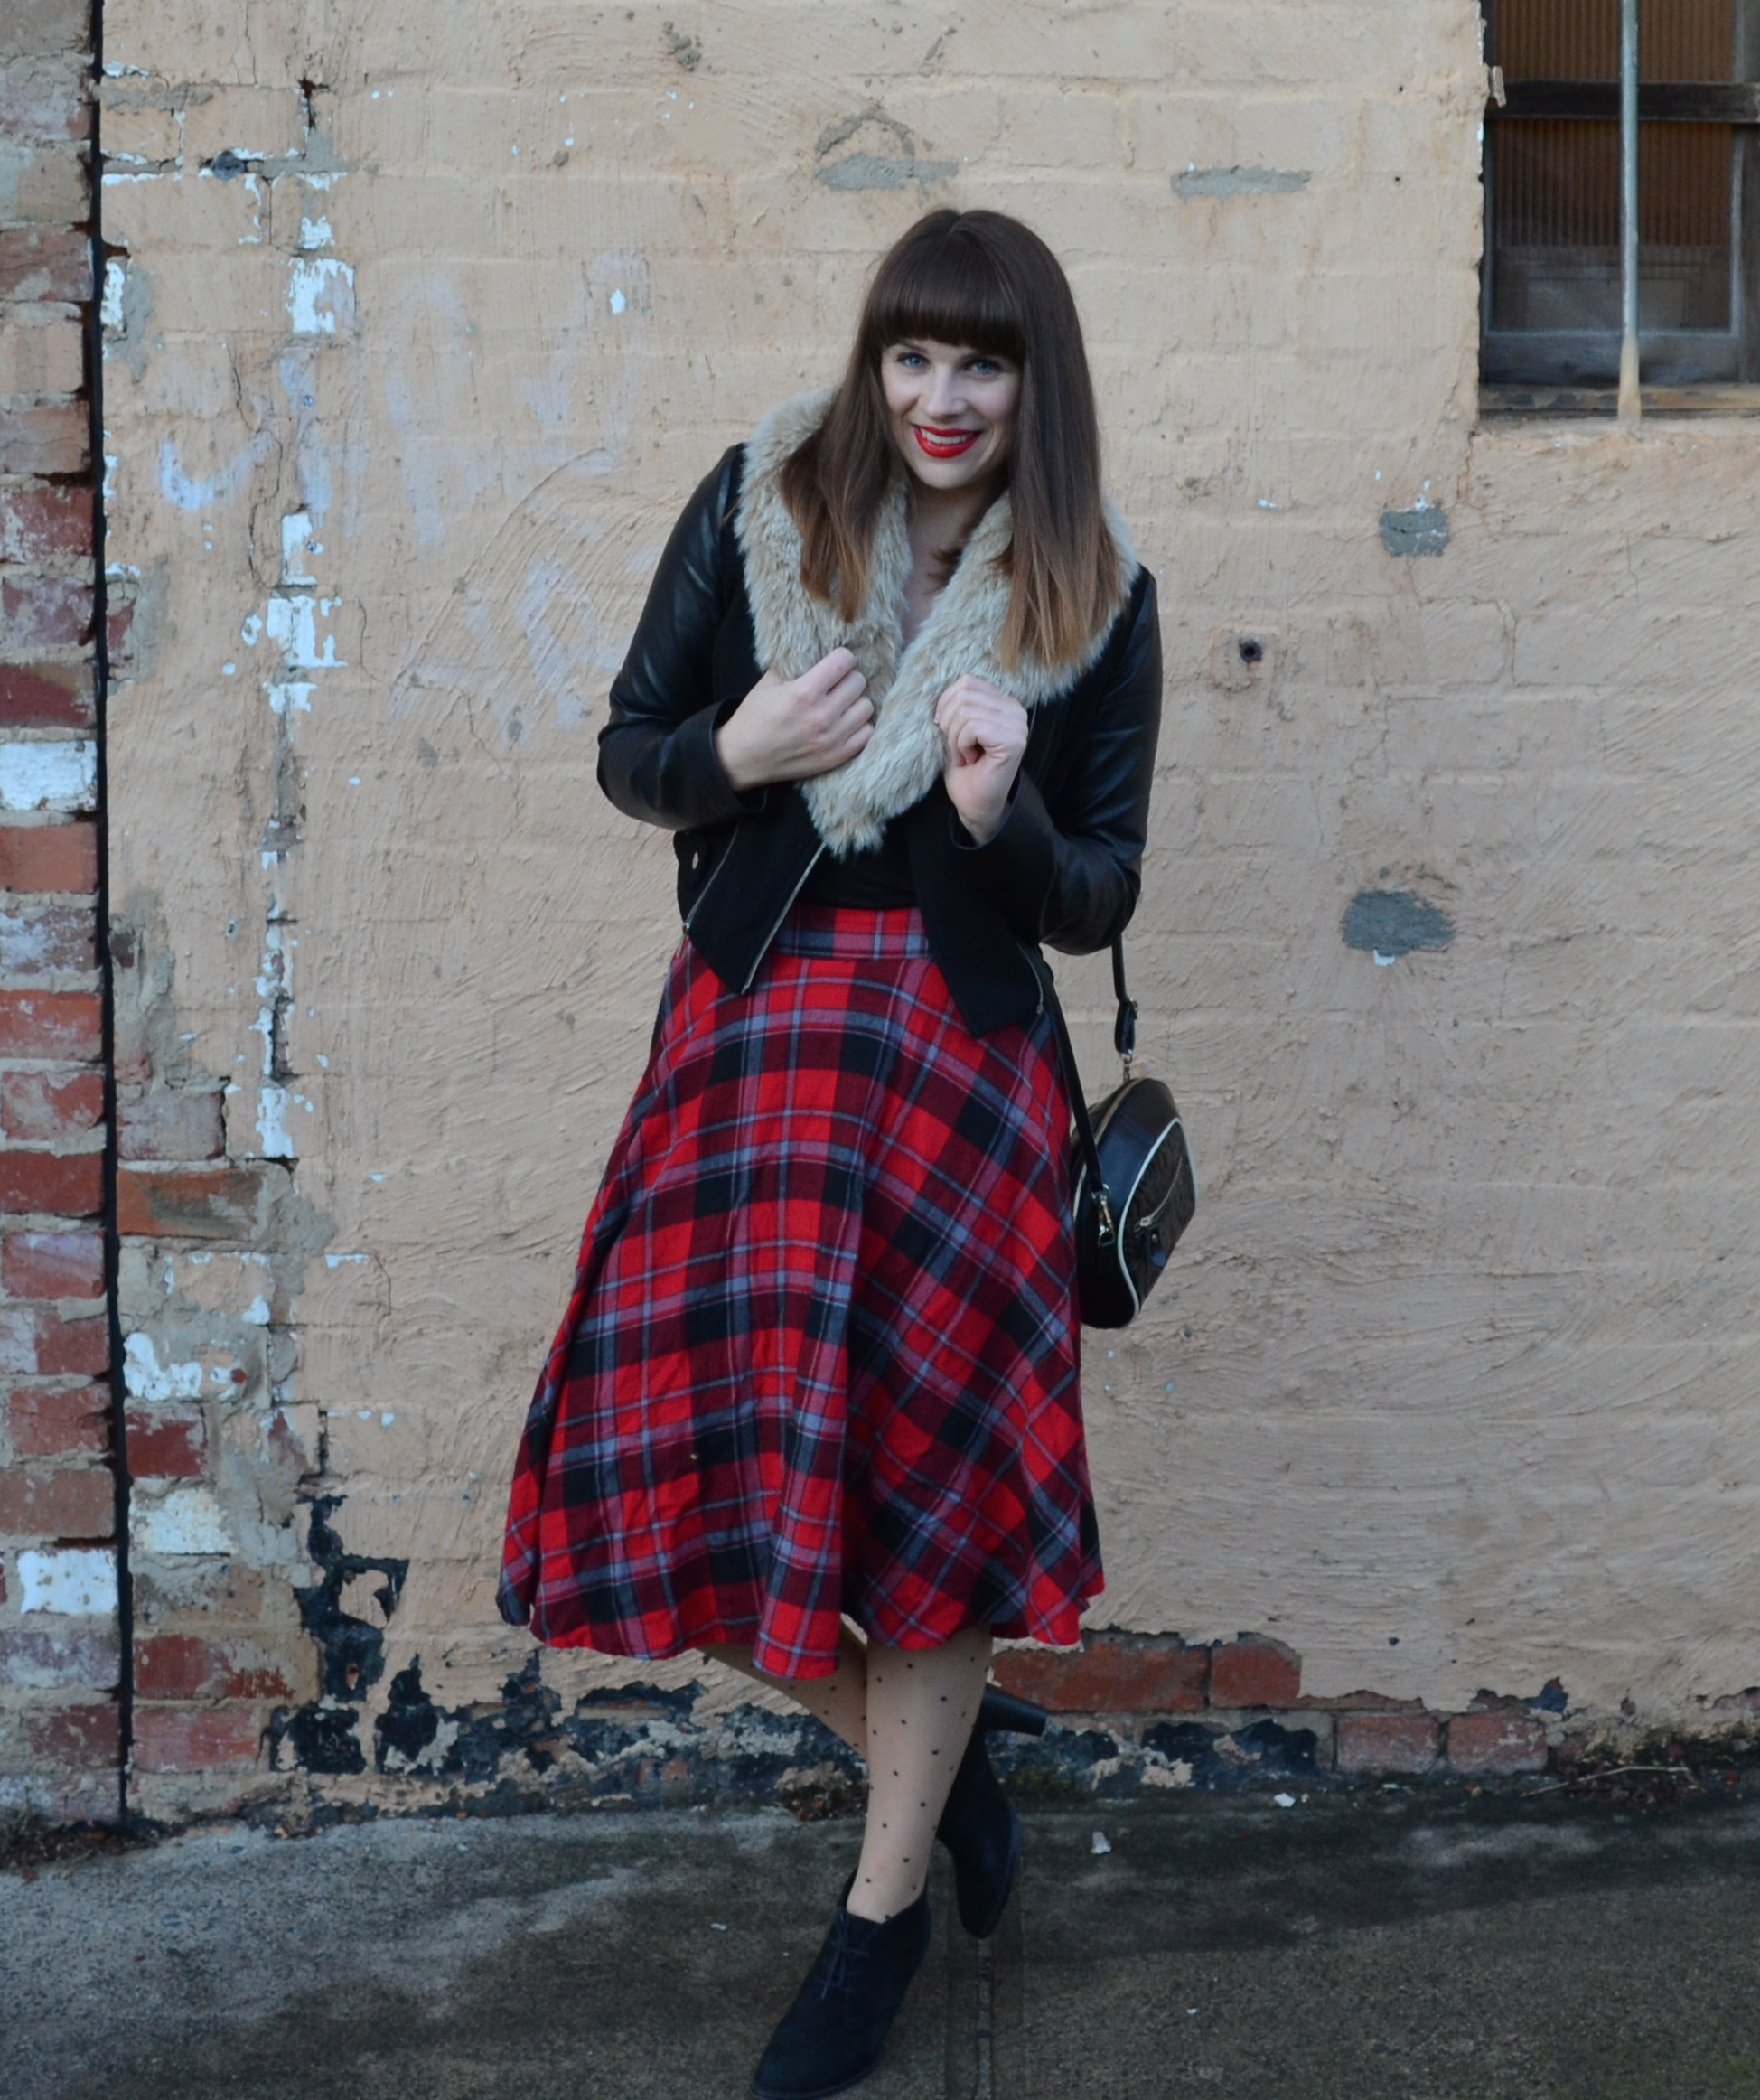 tartan-skirt-black-leather-jacket